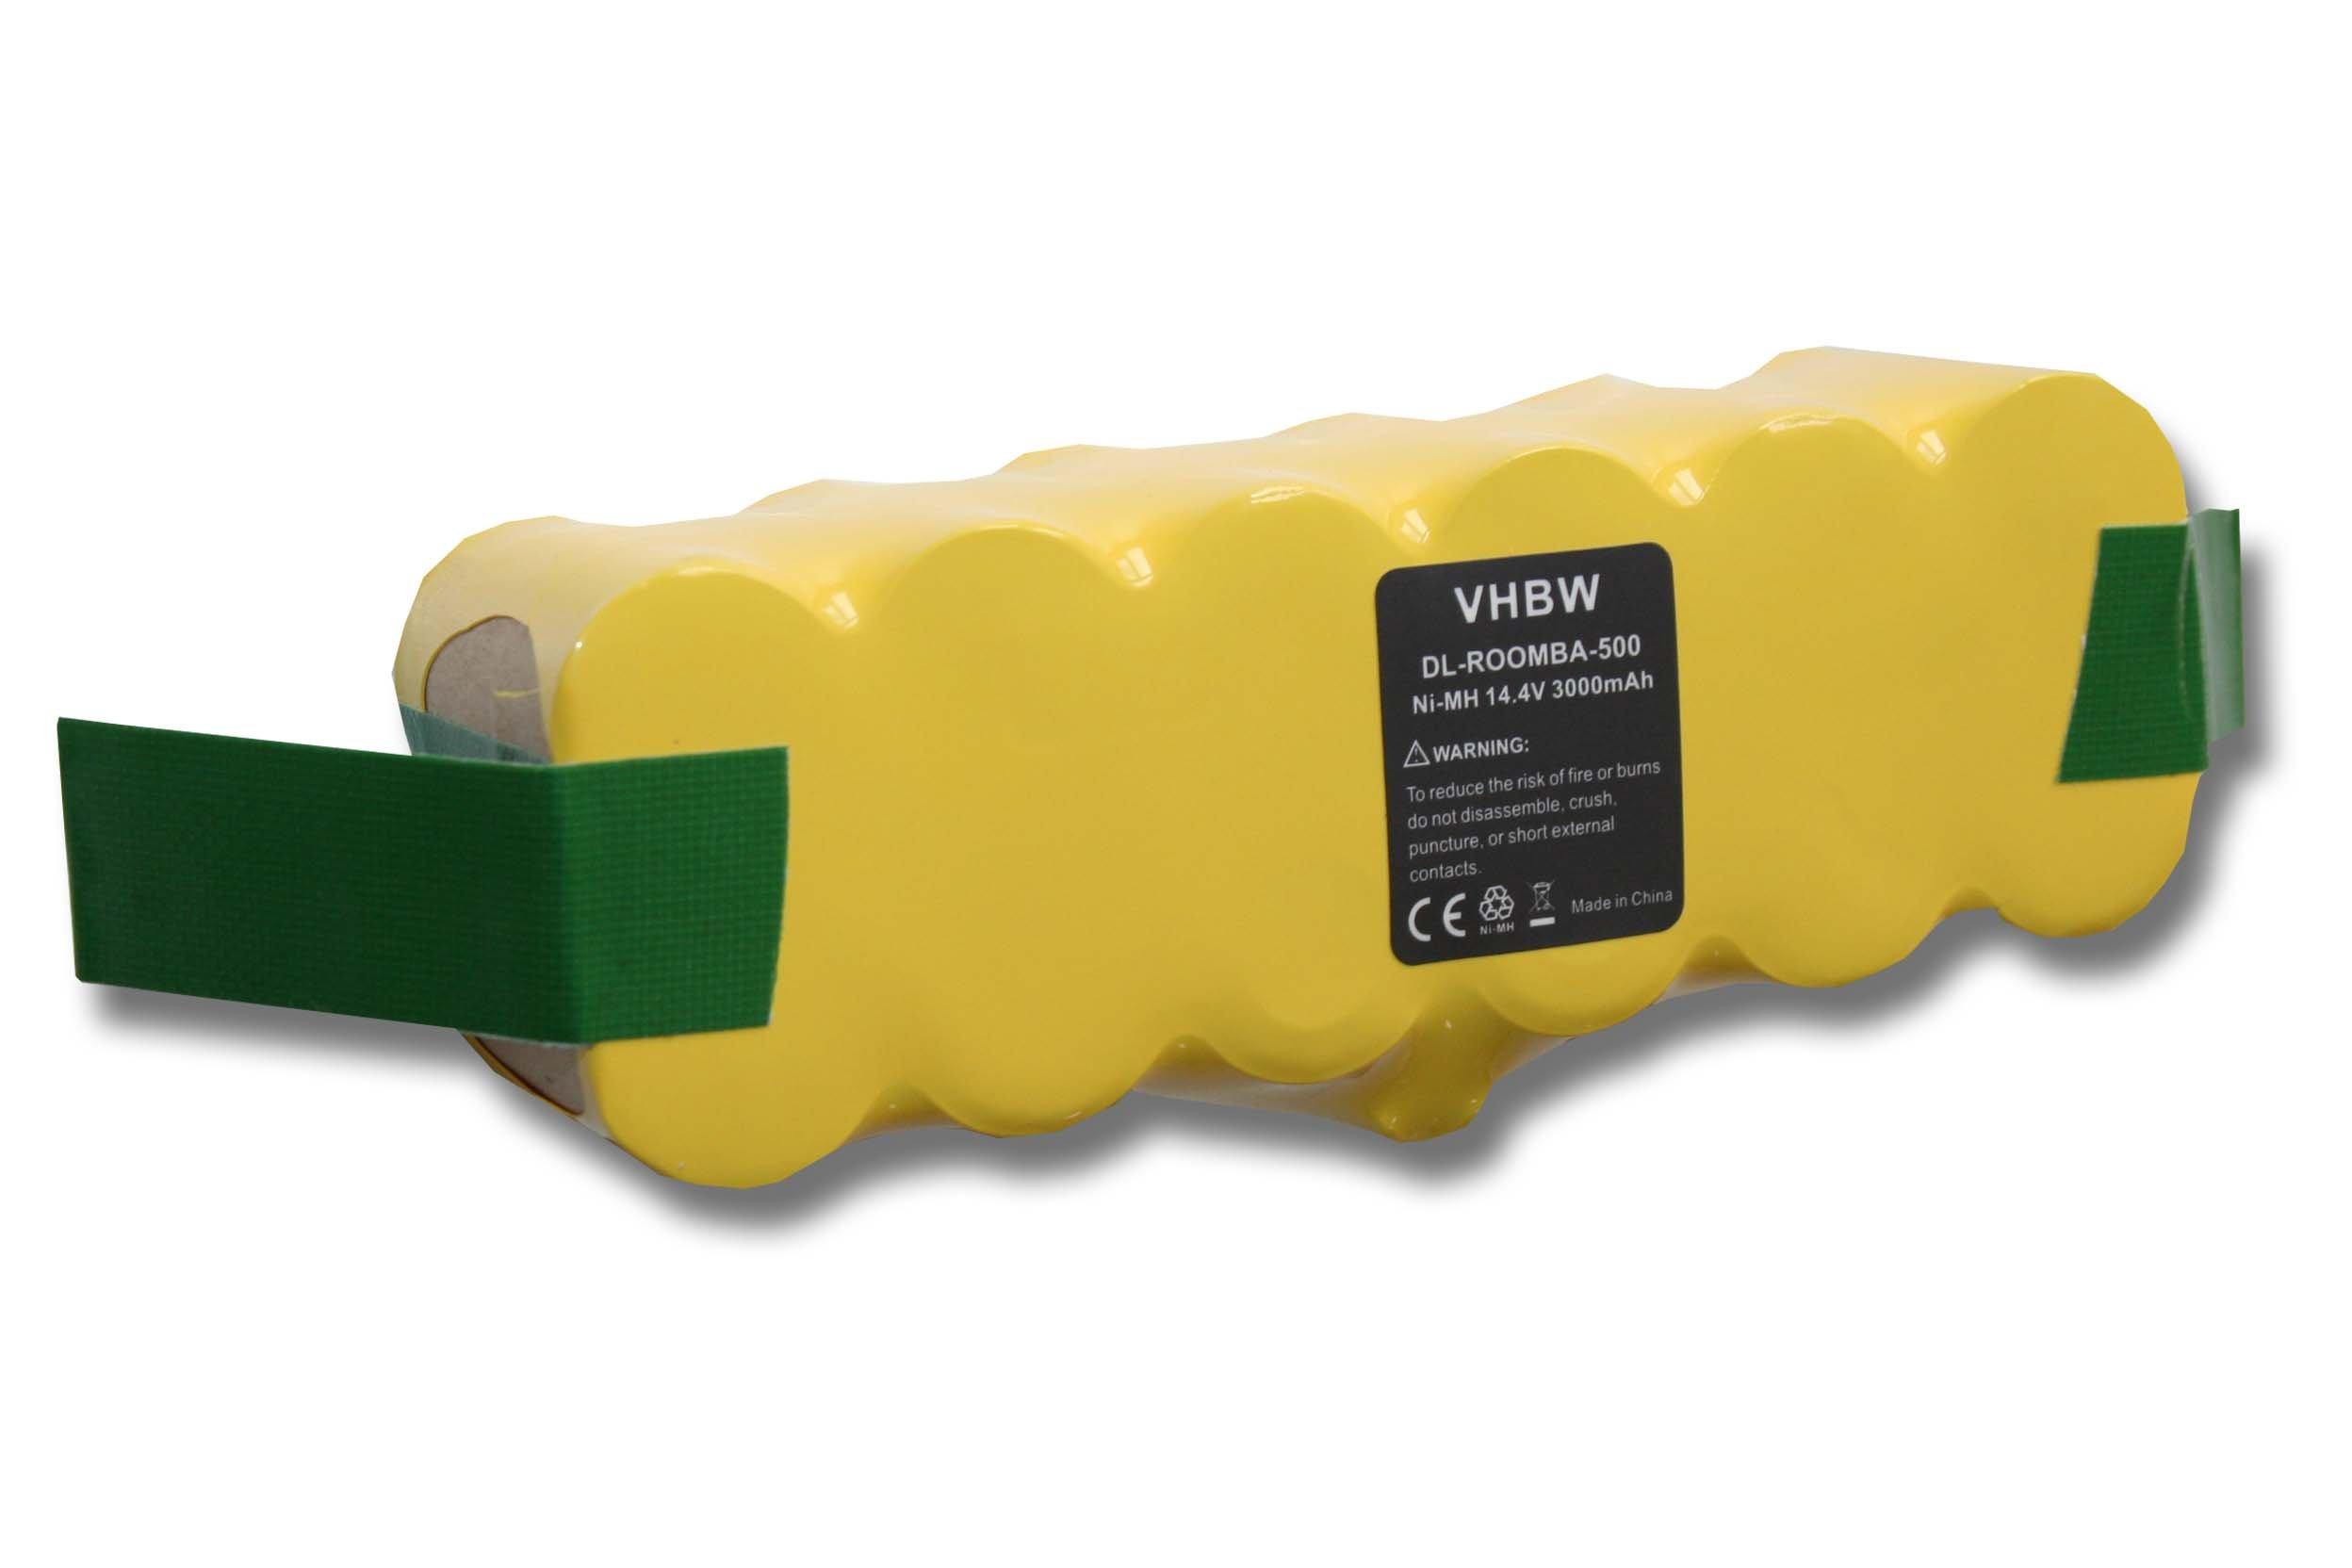 vhbw Batería Ni-MH 3000mAh (14.4V) compatible con iRobot Roomba 500, 510, 520, 531, 534, 564 aspirador reemplaza 11702, GD-Roomba-500.: Amazon.es: Hogar